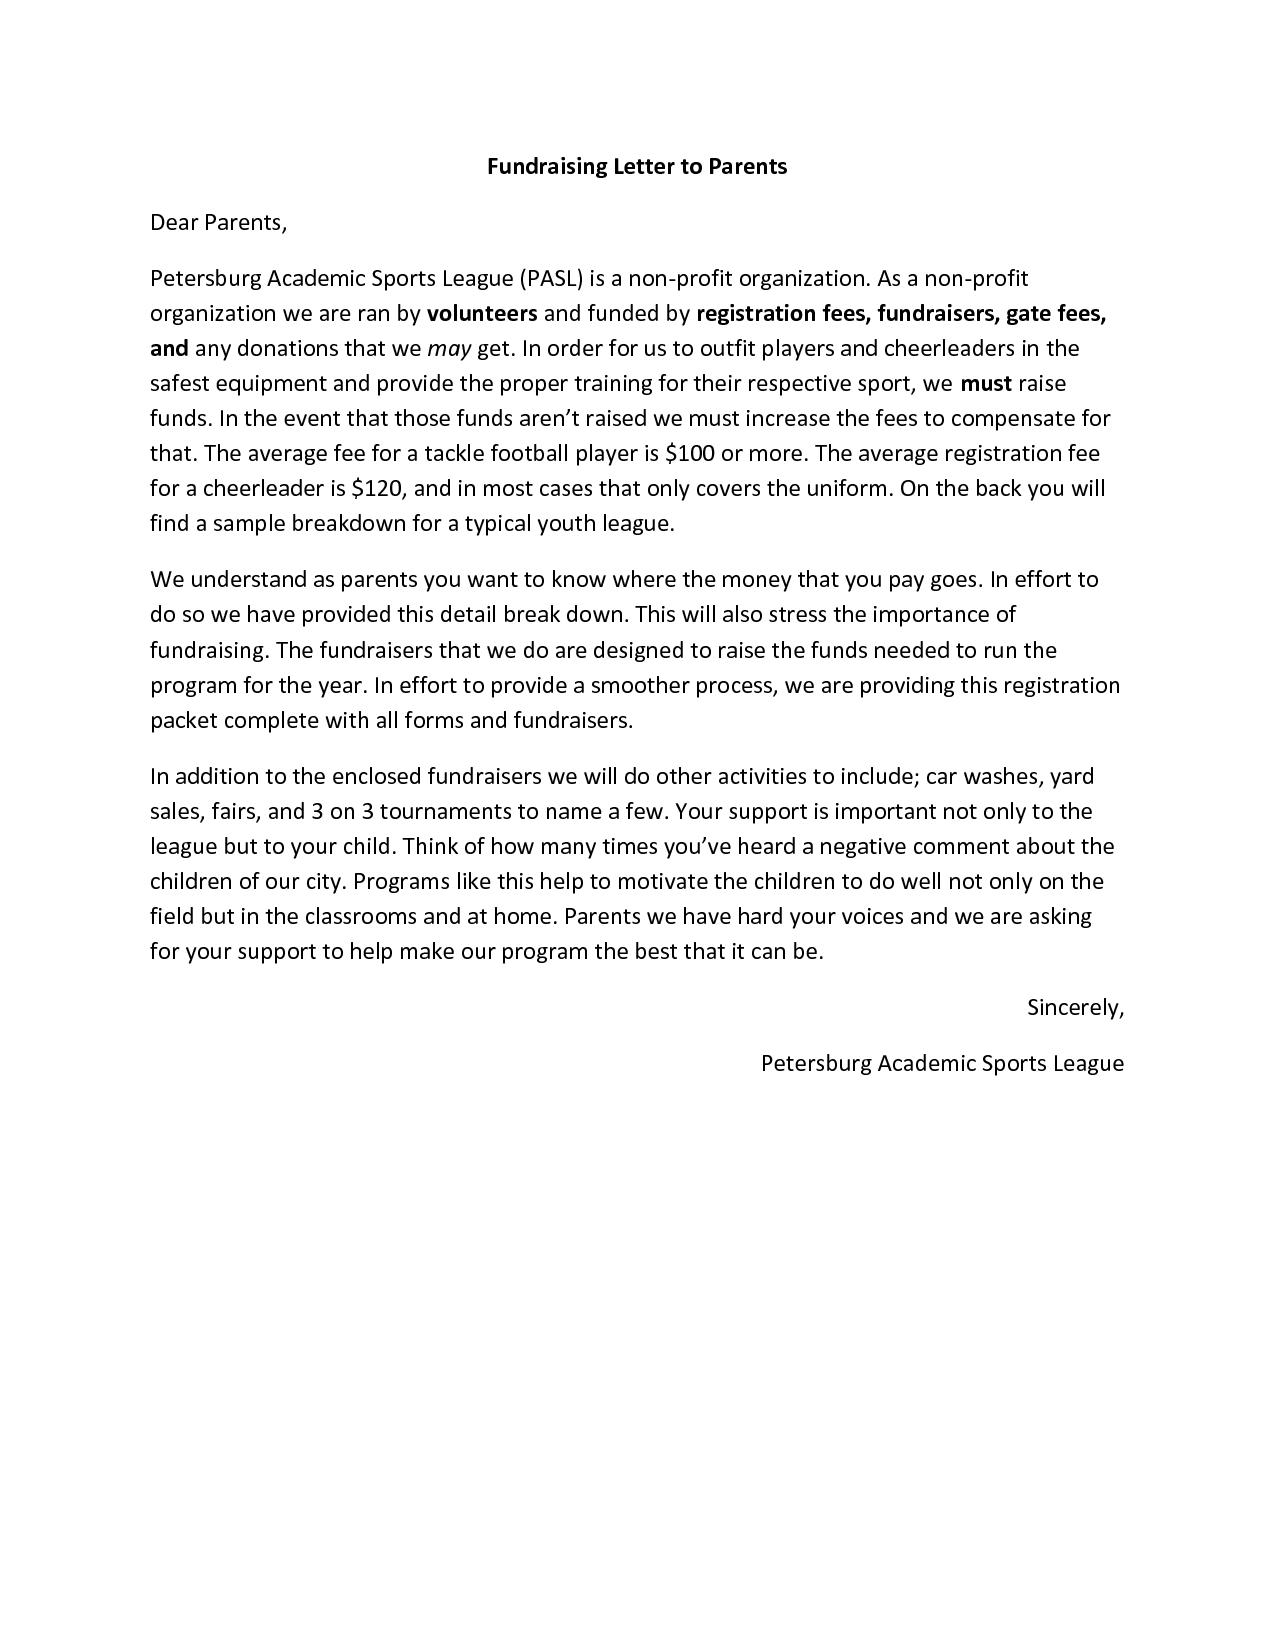 Non Profit Fundraising Letter  Your Nonprofit Fundraising Letter